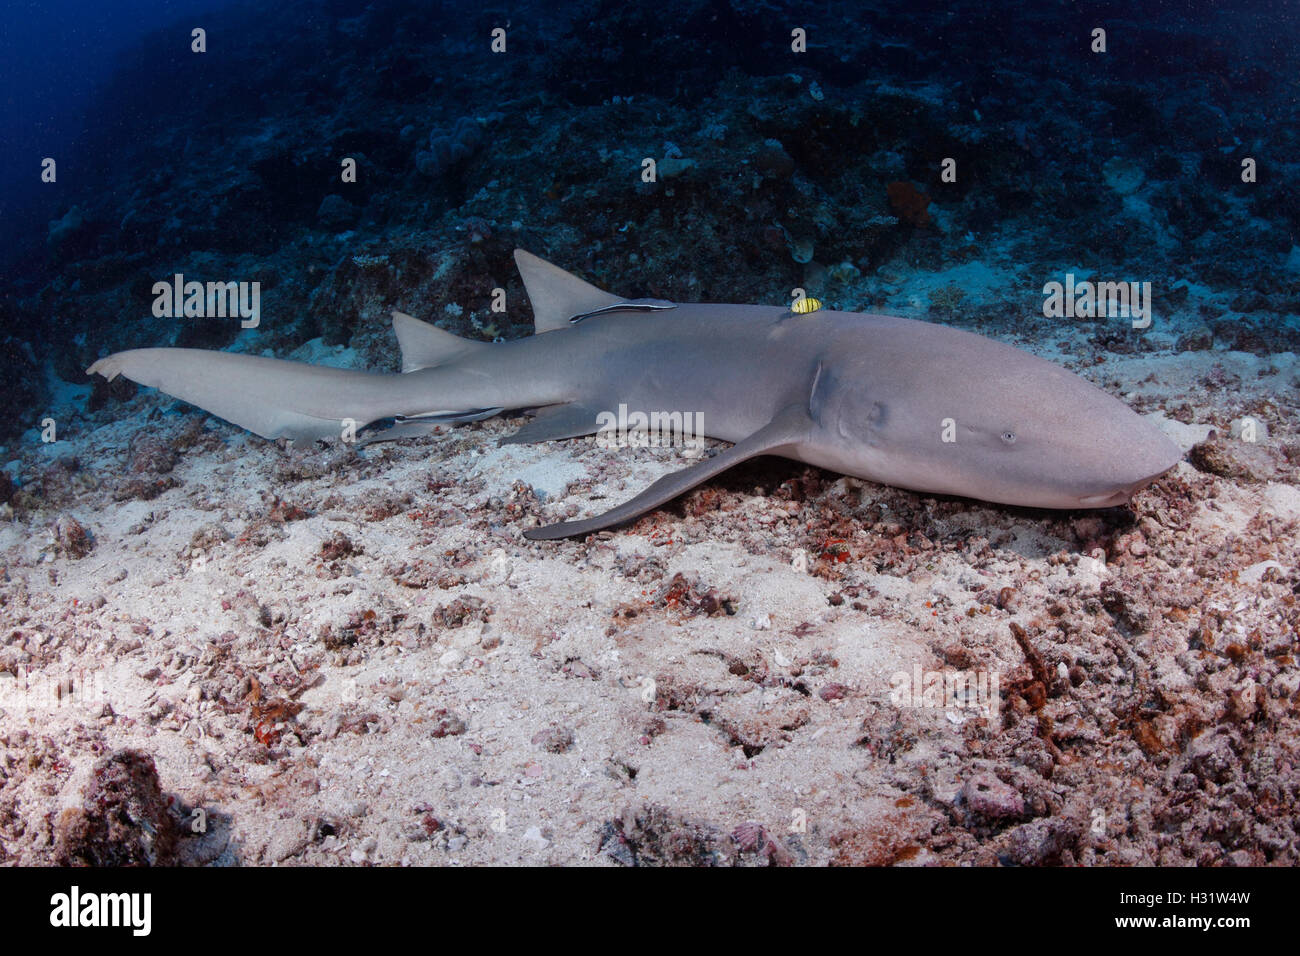 QZ52639-D. Tawny tiburón nodriza (Nebrius ferrugineus). Australia, el Indo-Pacífico tropical de los océanos. Photo Copyright © Brandon Cole. Todos Foto de stock